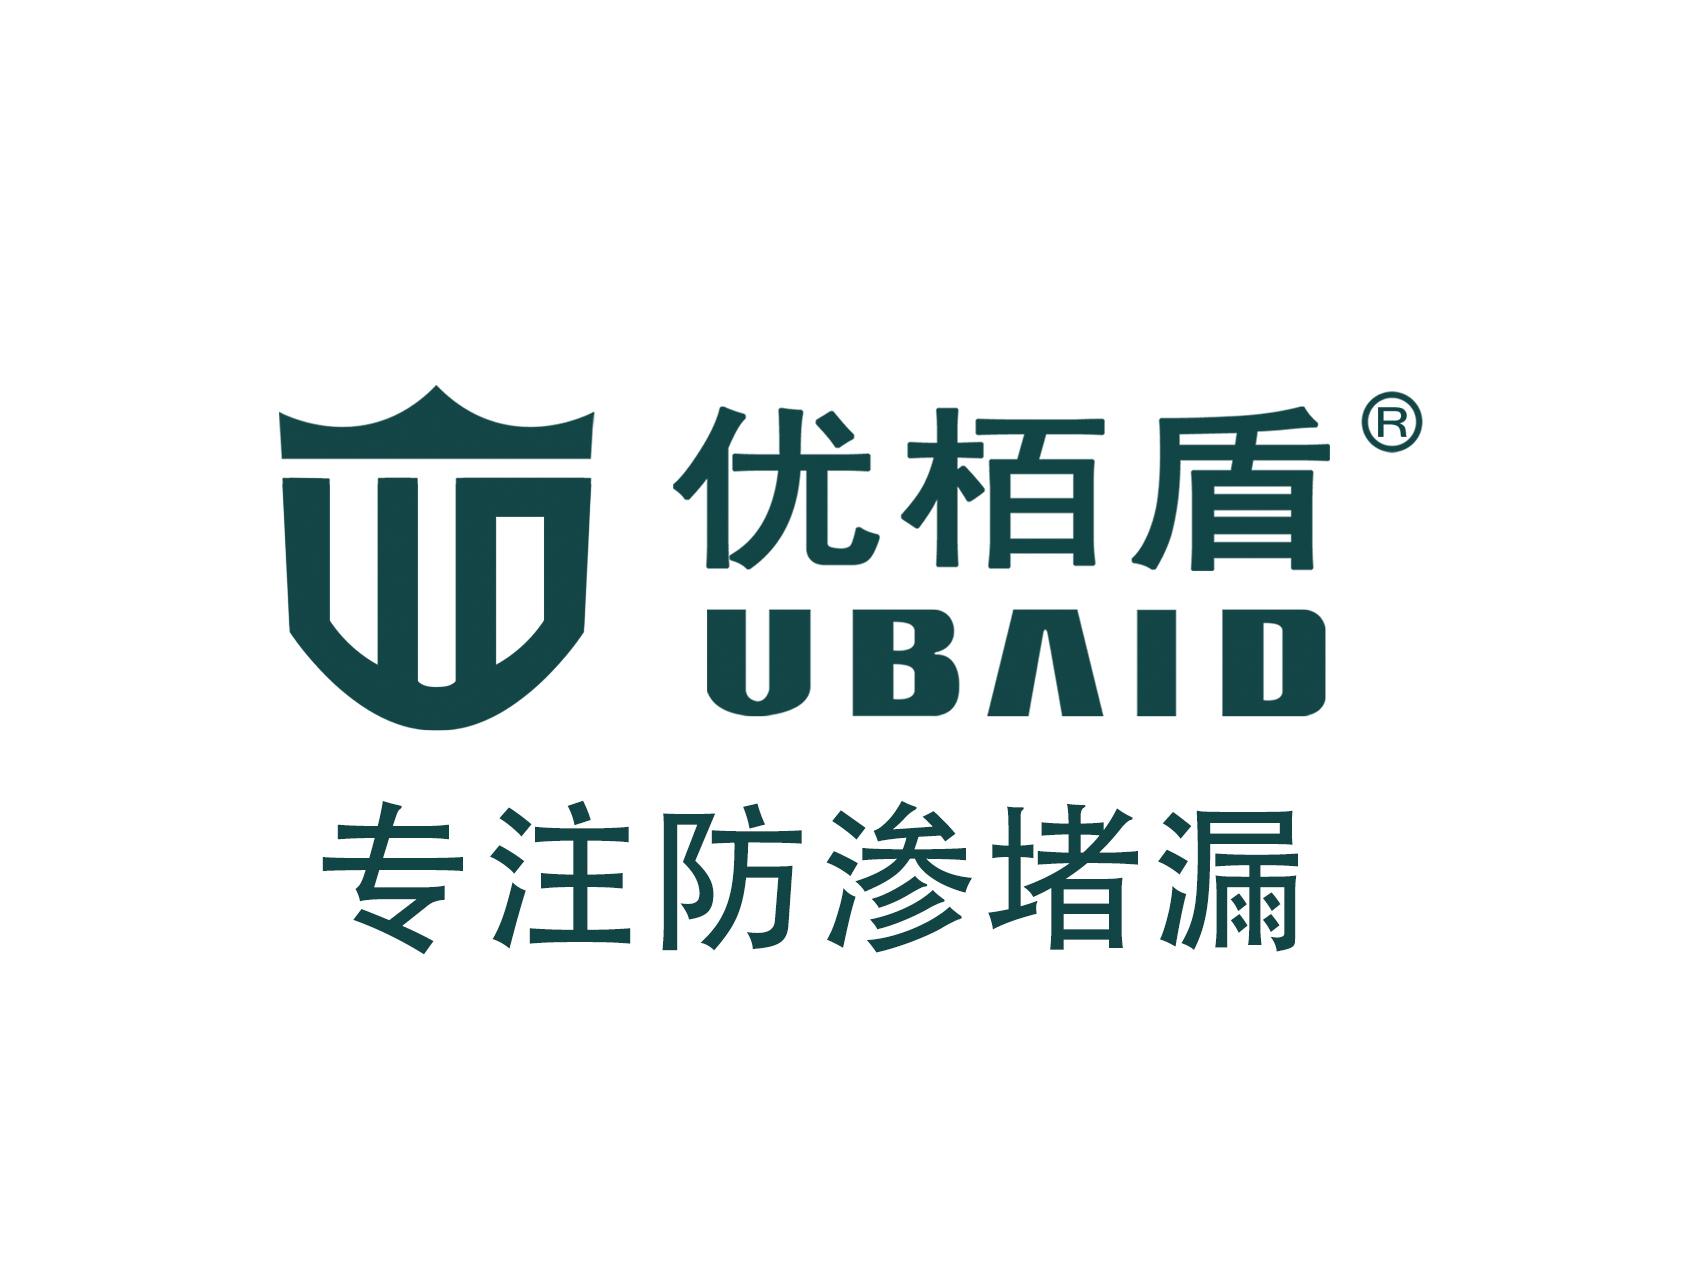 优栢盾(广州)防水技术有限公司